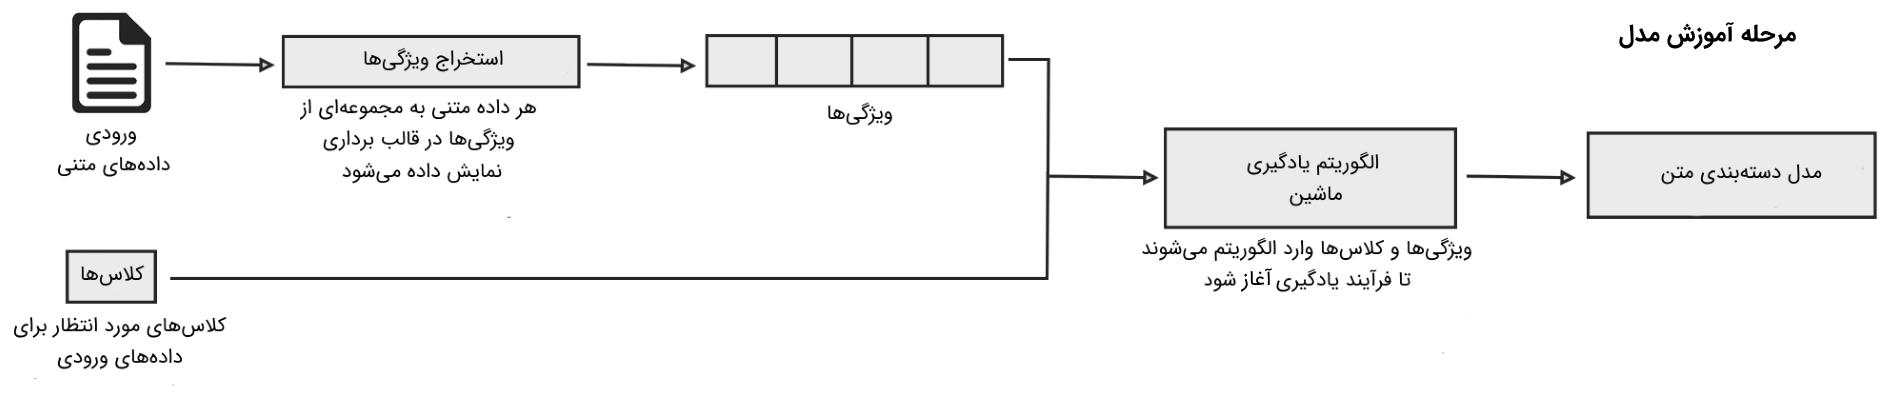 روش های متن کاوی (Text mining Methods)